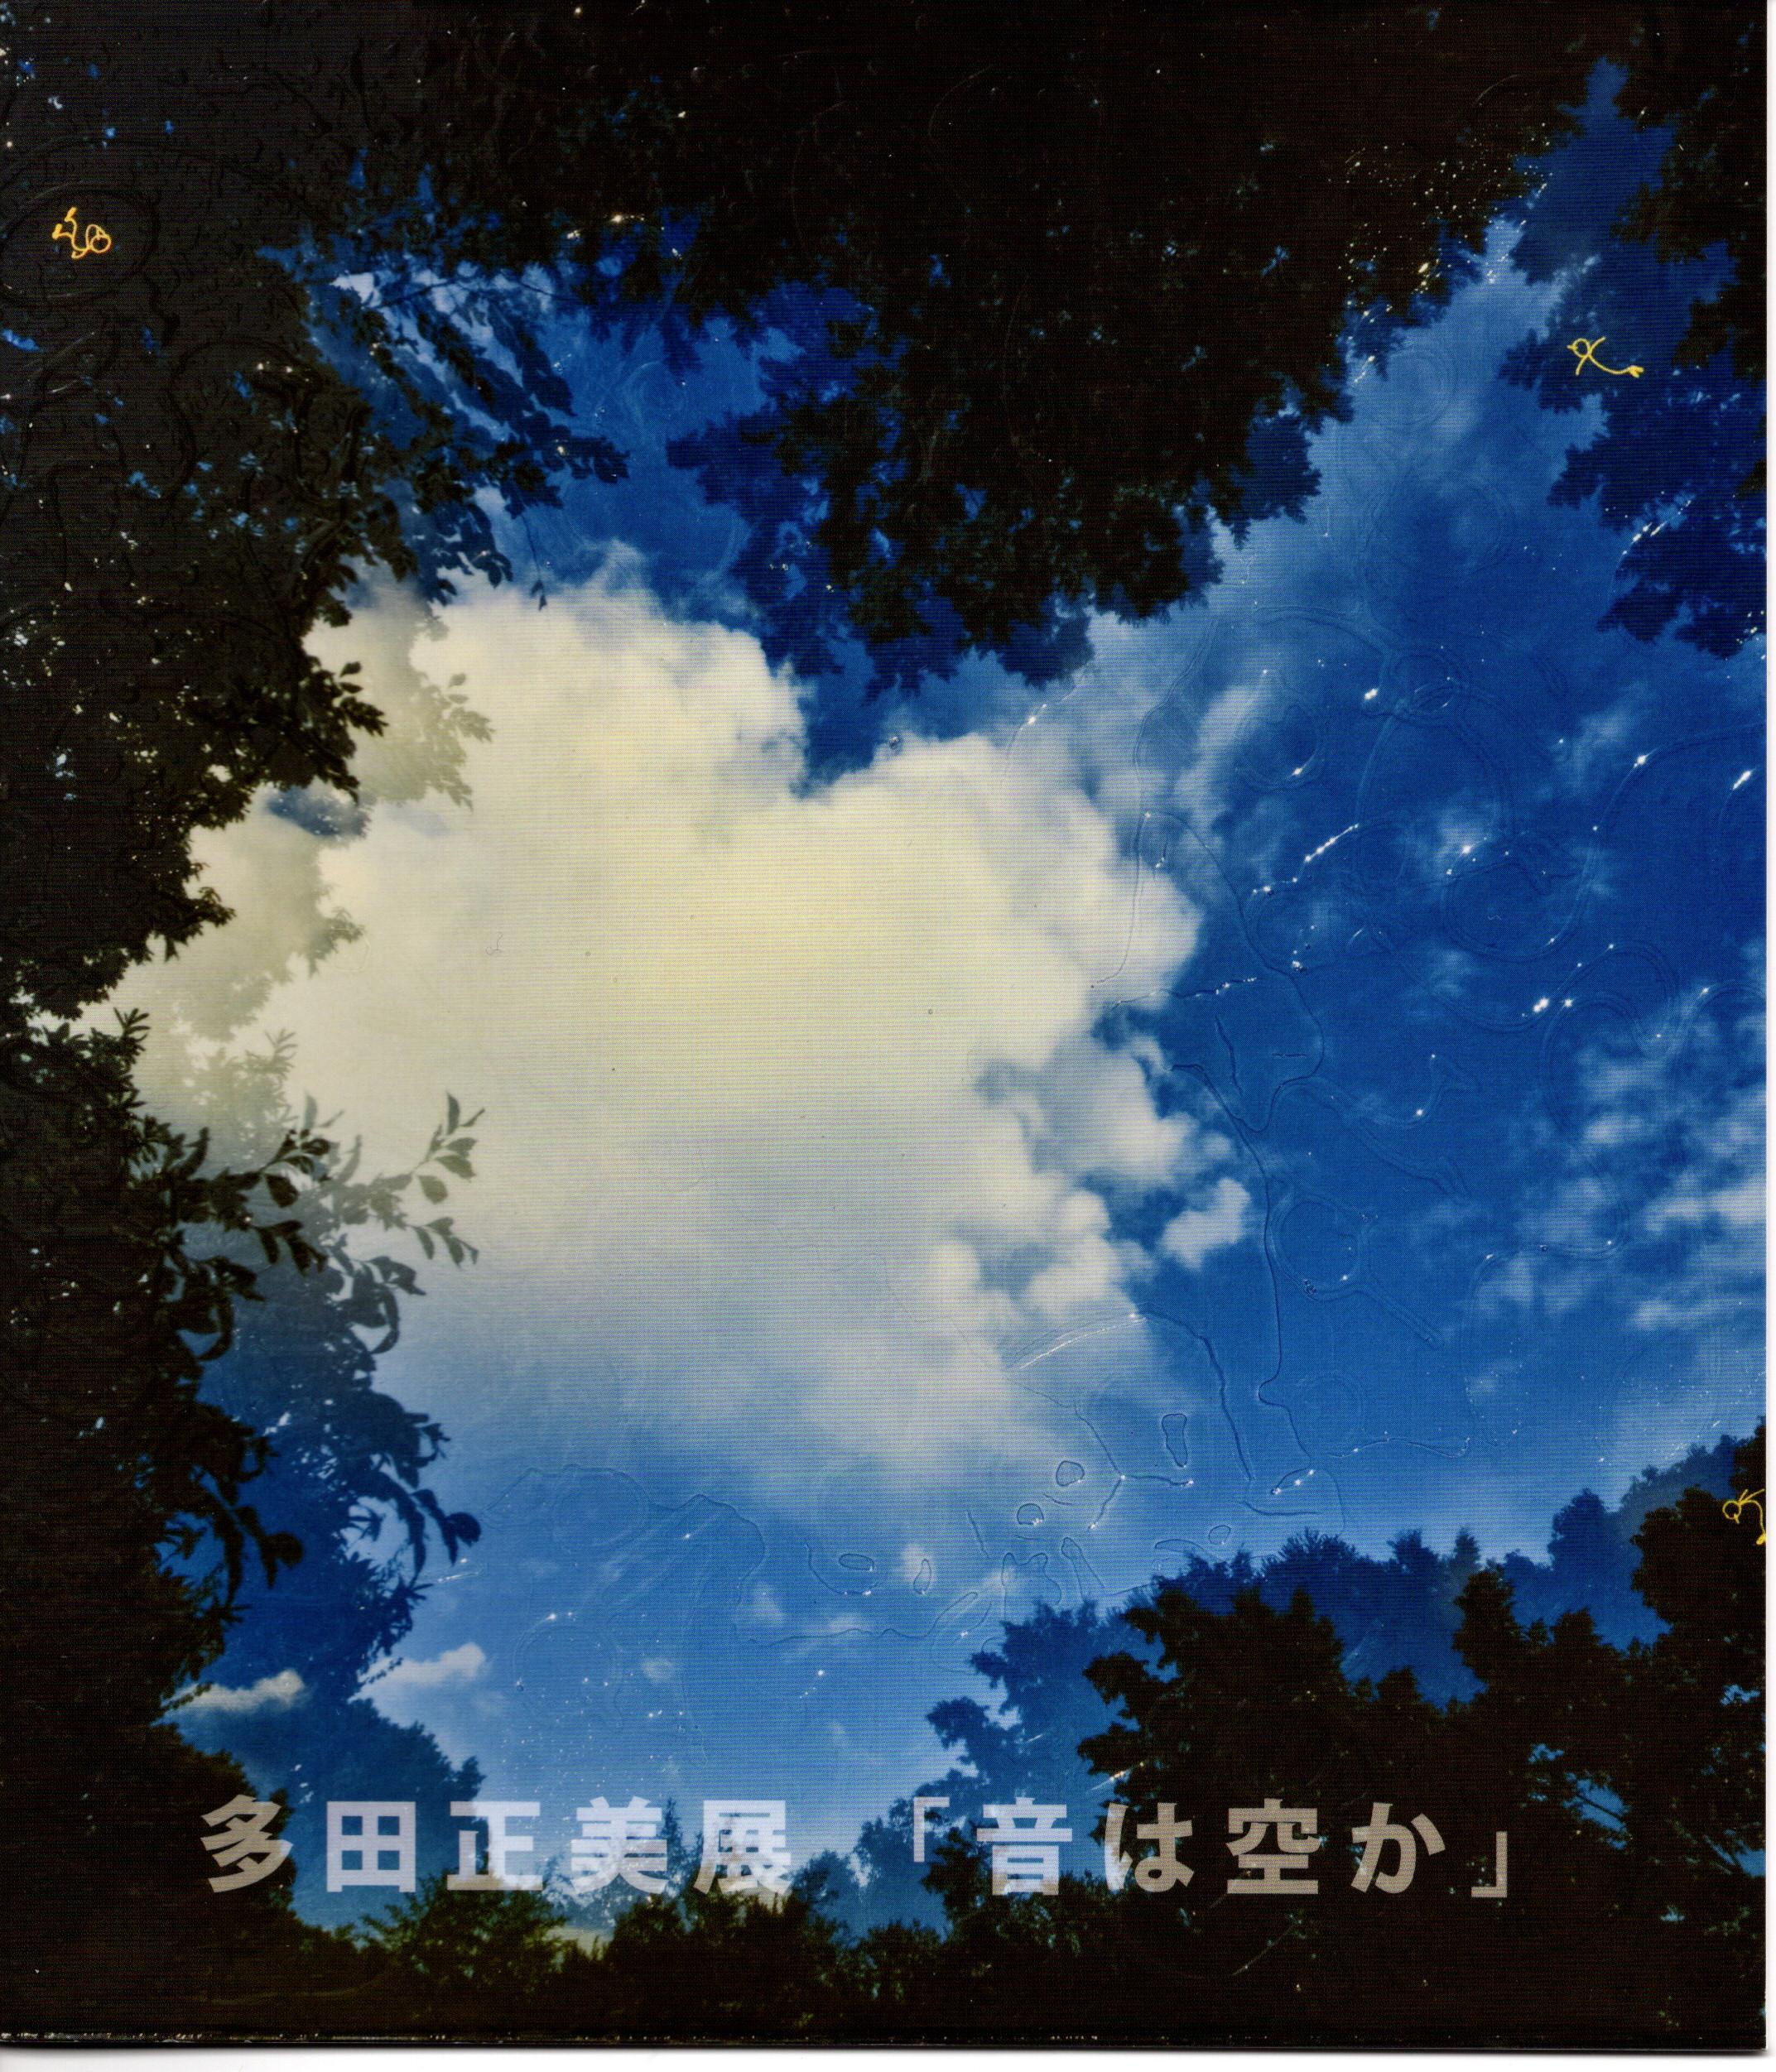 多田正美展 「音は空か」